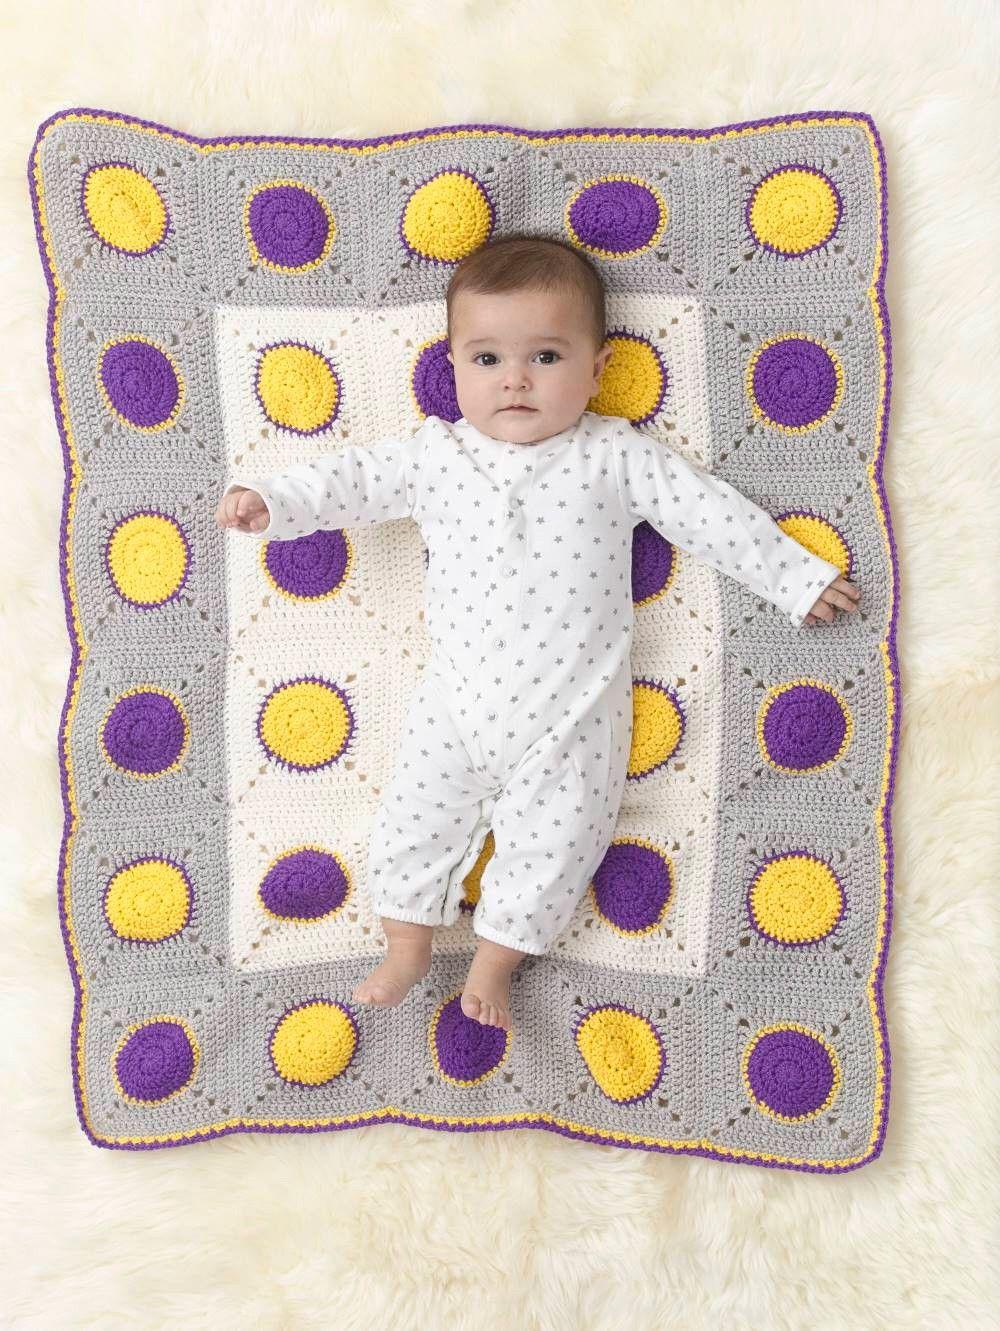 Dotty Dots Afghan Pattern (Crochet) | Crochet Dreams | Pinterest ...